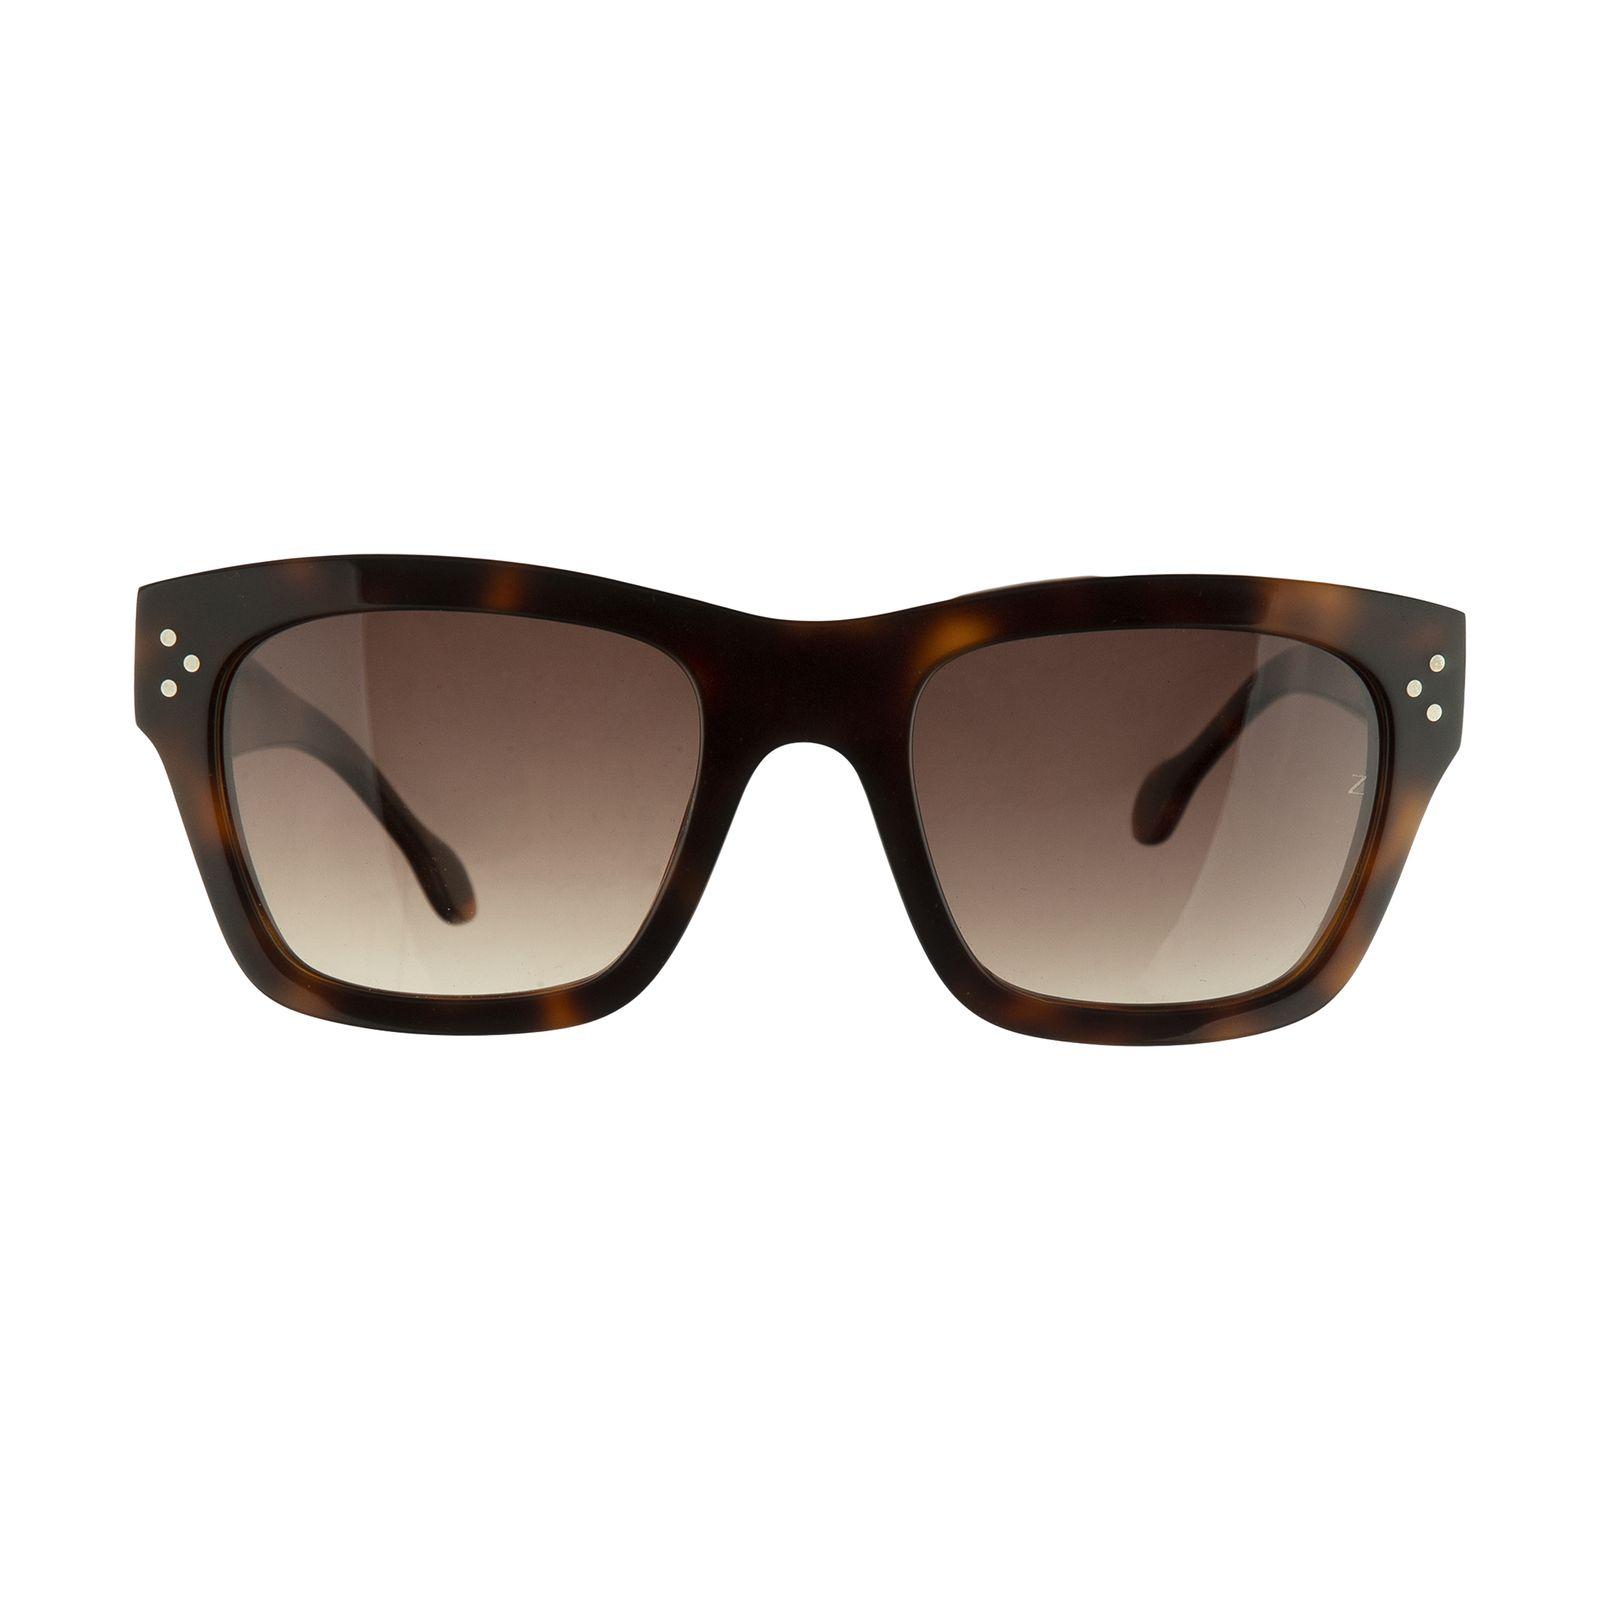 عینک آفتابی ارمنگیلدو زگنا مدل 3700 -  - 2